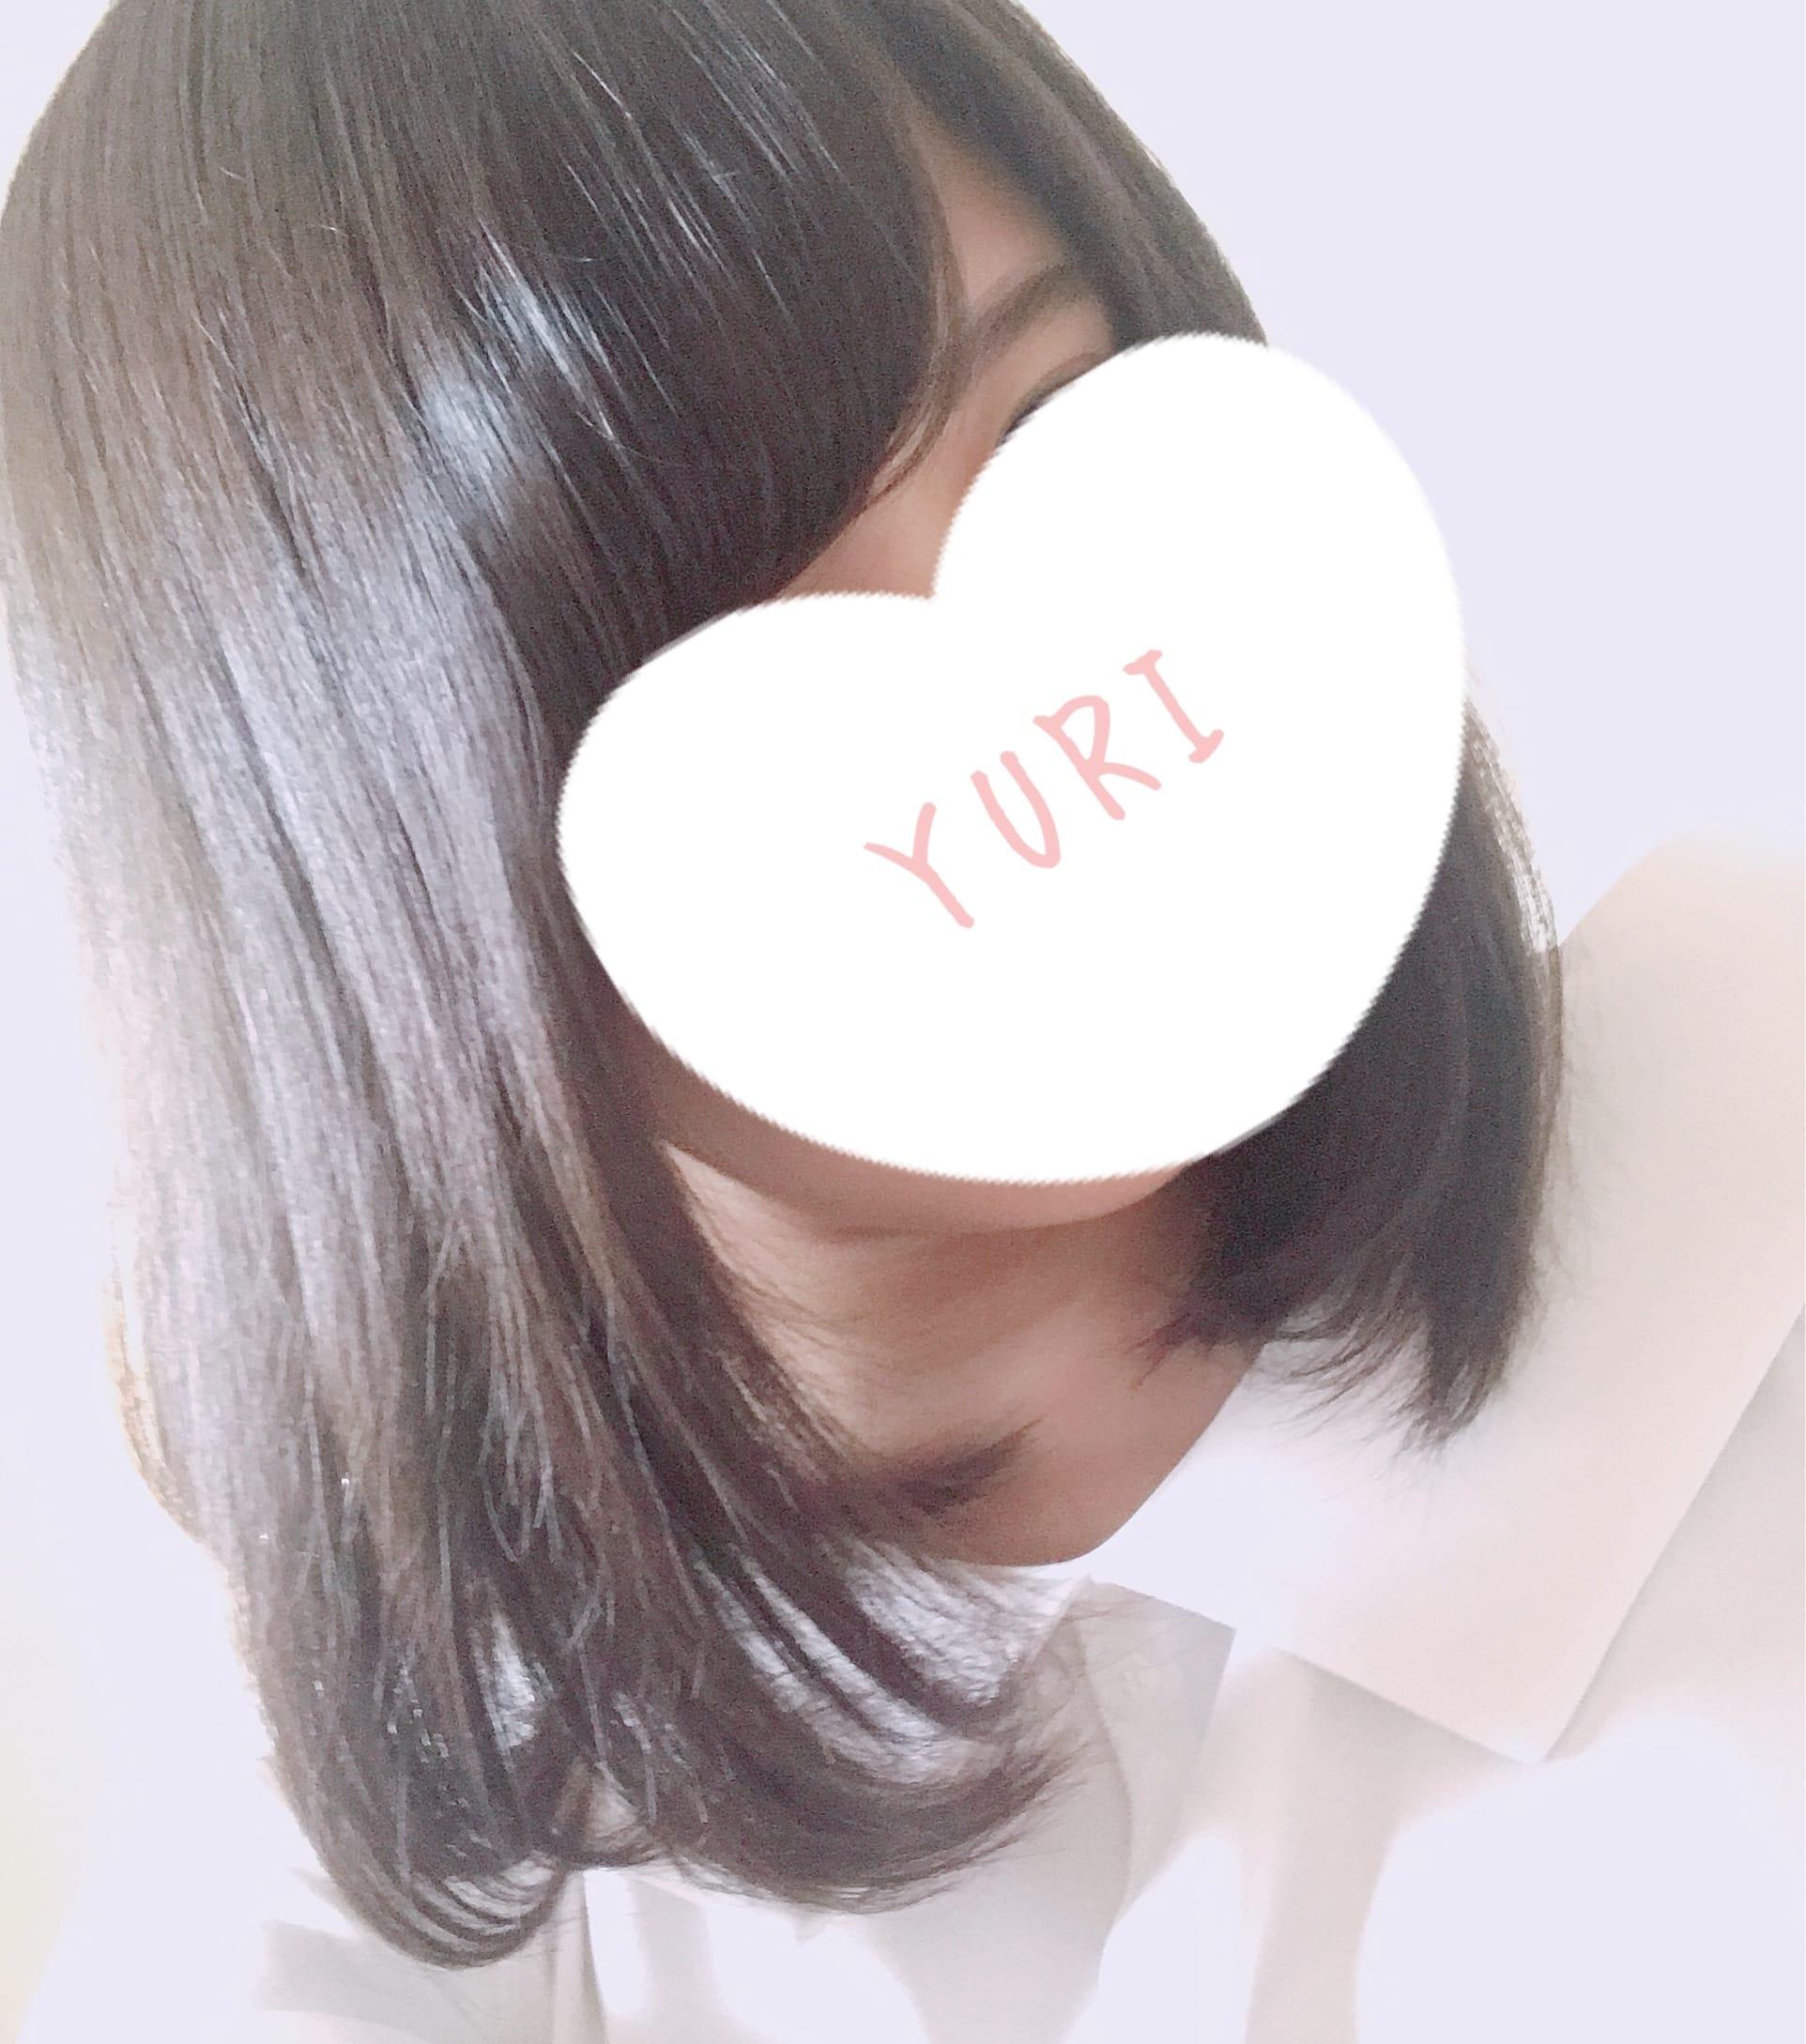 ゆり「ゆりです」04/07(土) 05:27 | ゆりの写メ・風俗動画